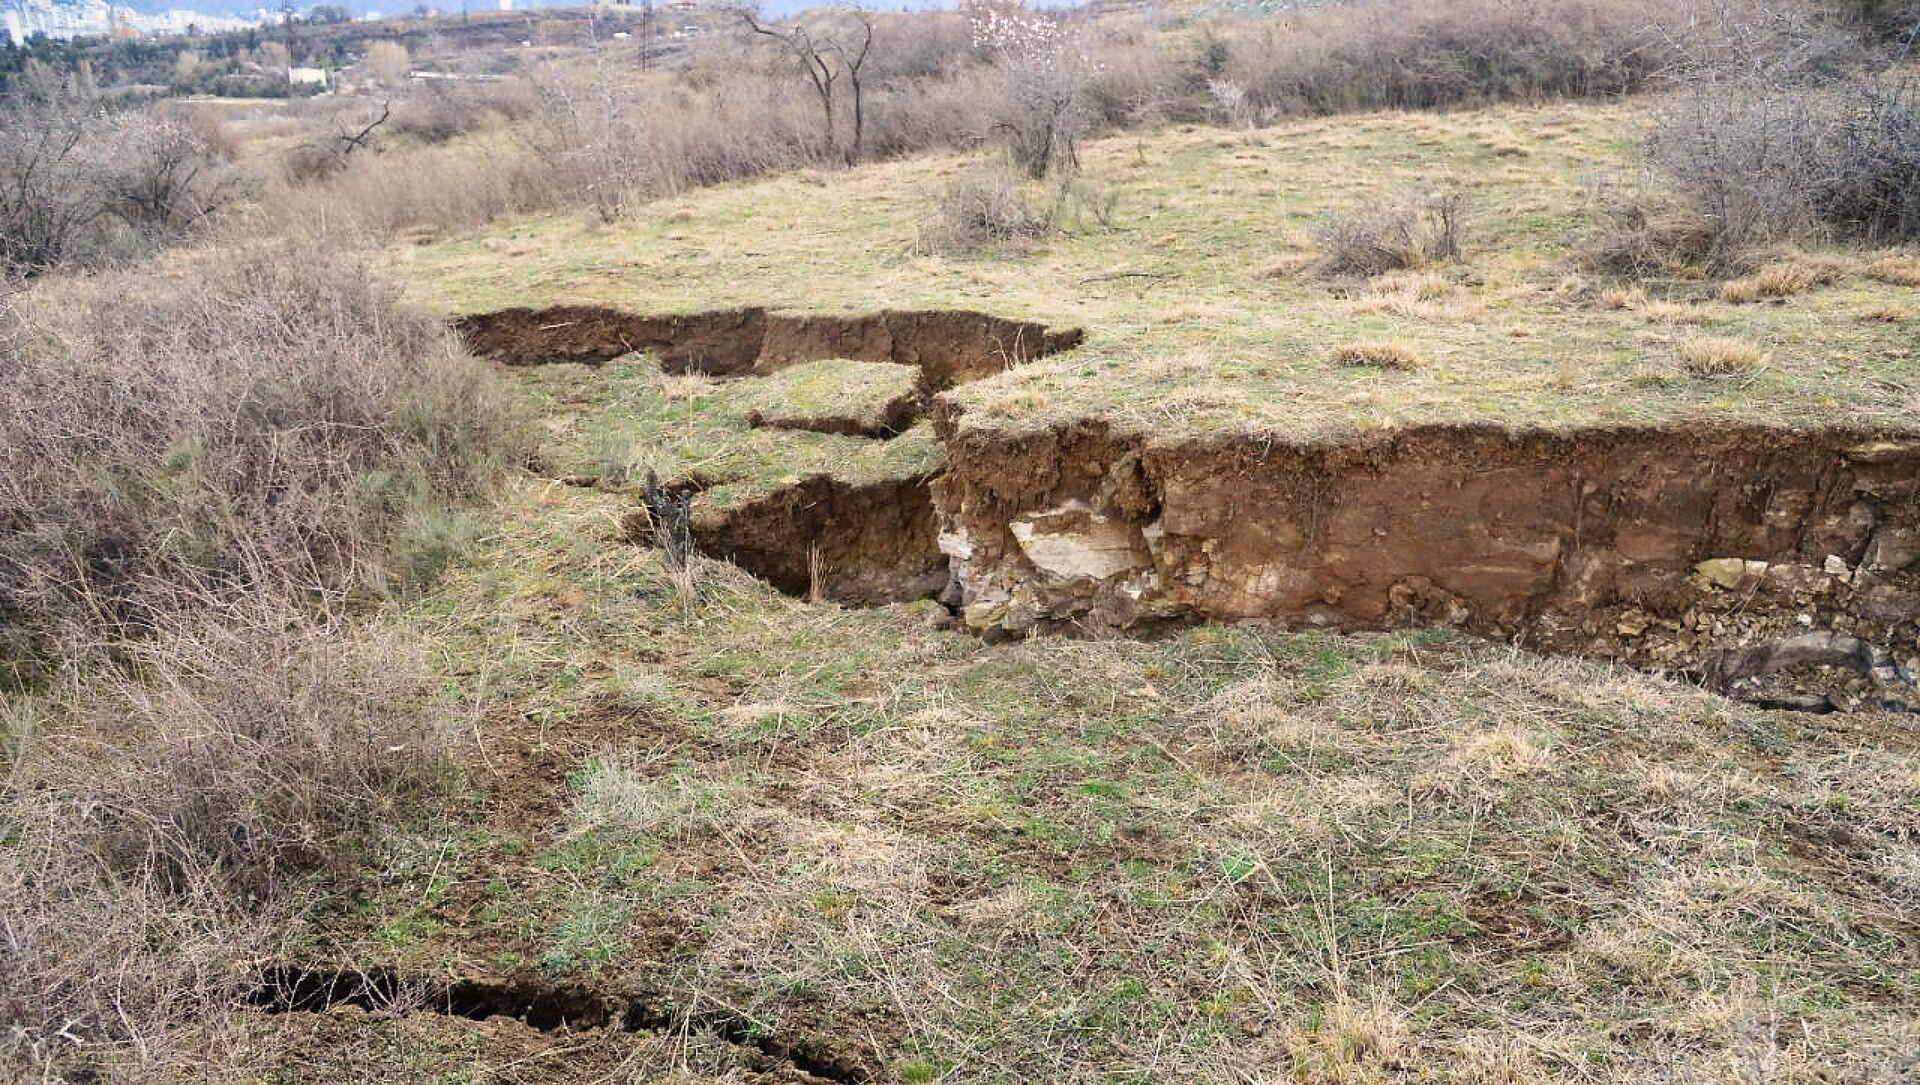 Оползневая зона в столице Грузии в районе Сабуртало в поселке Вашлиджвари - Sputnik Грузия, 1920, 27.03.2021